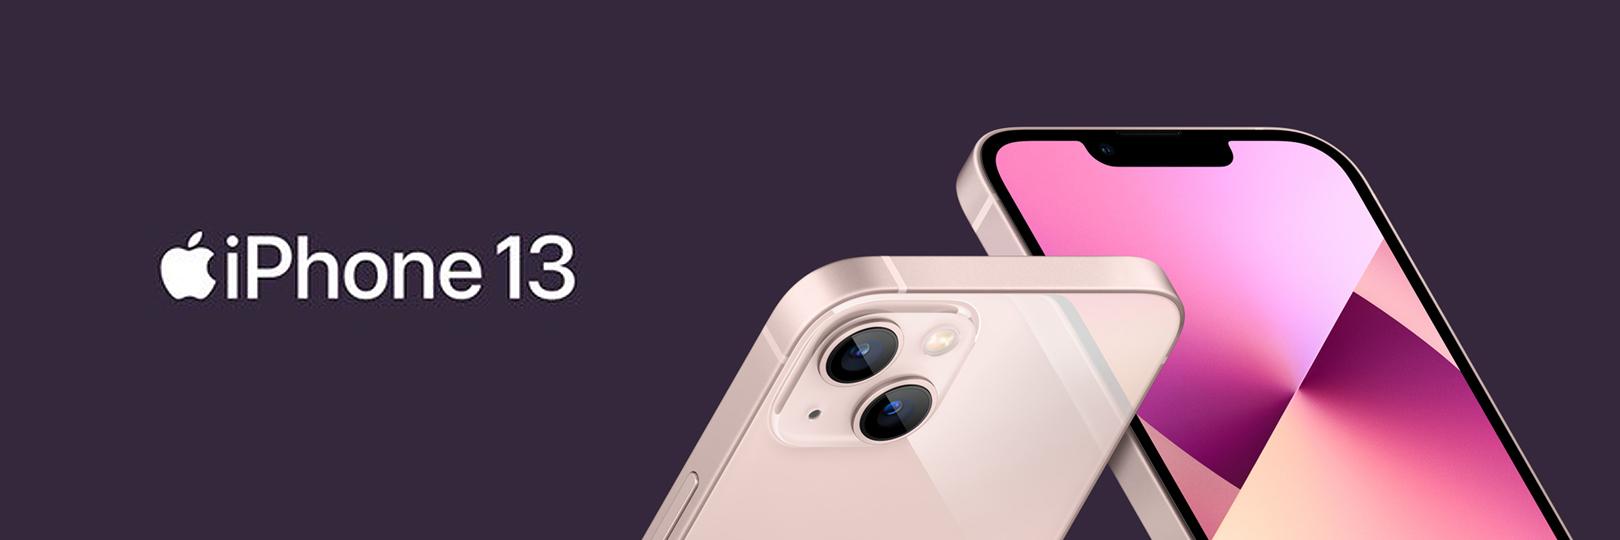 iPhone 13刷台新卡